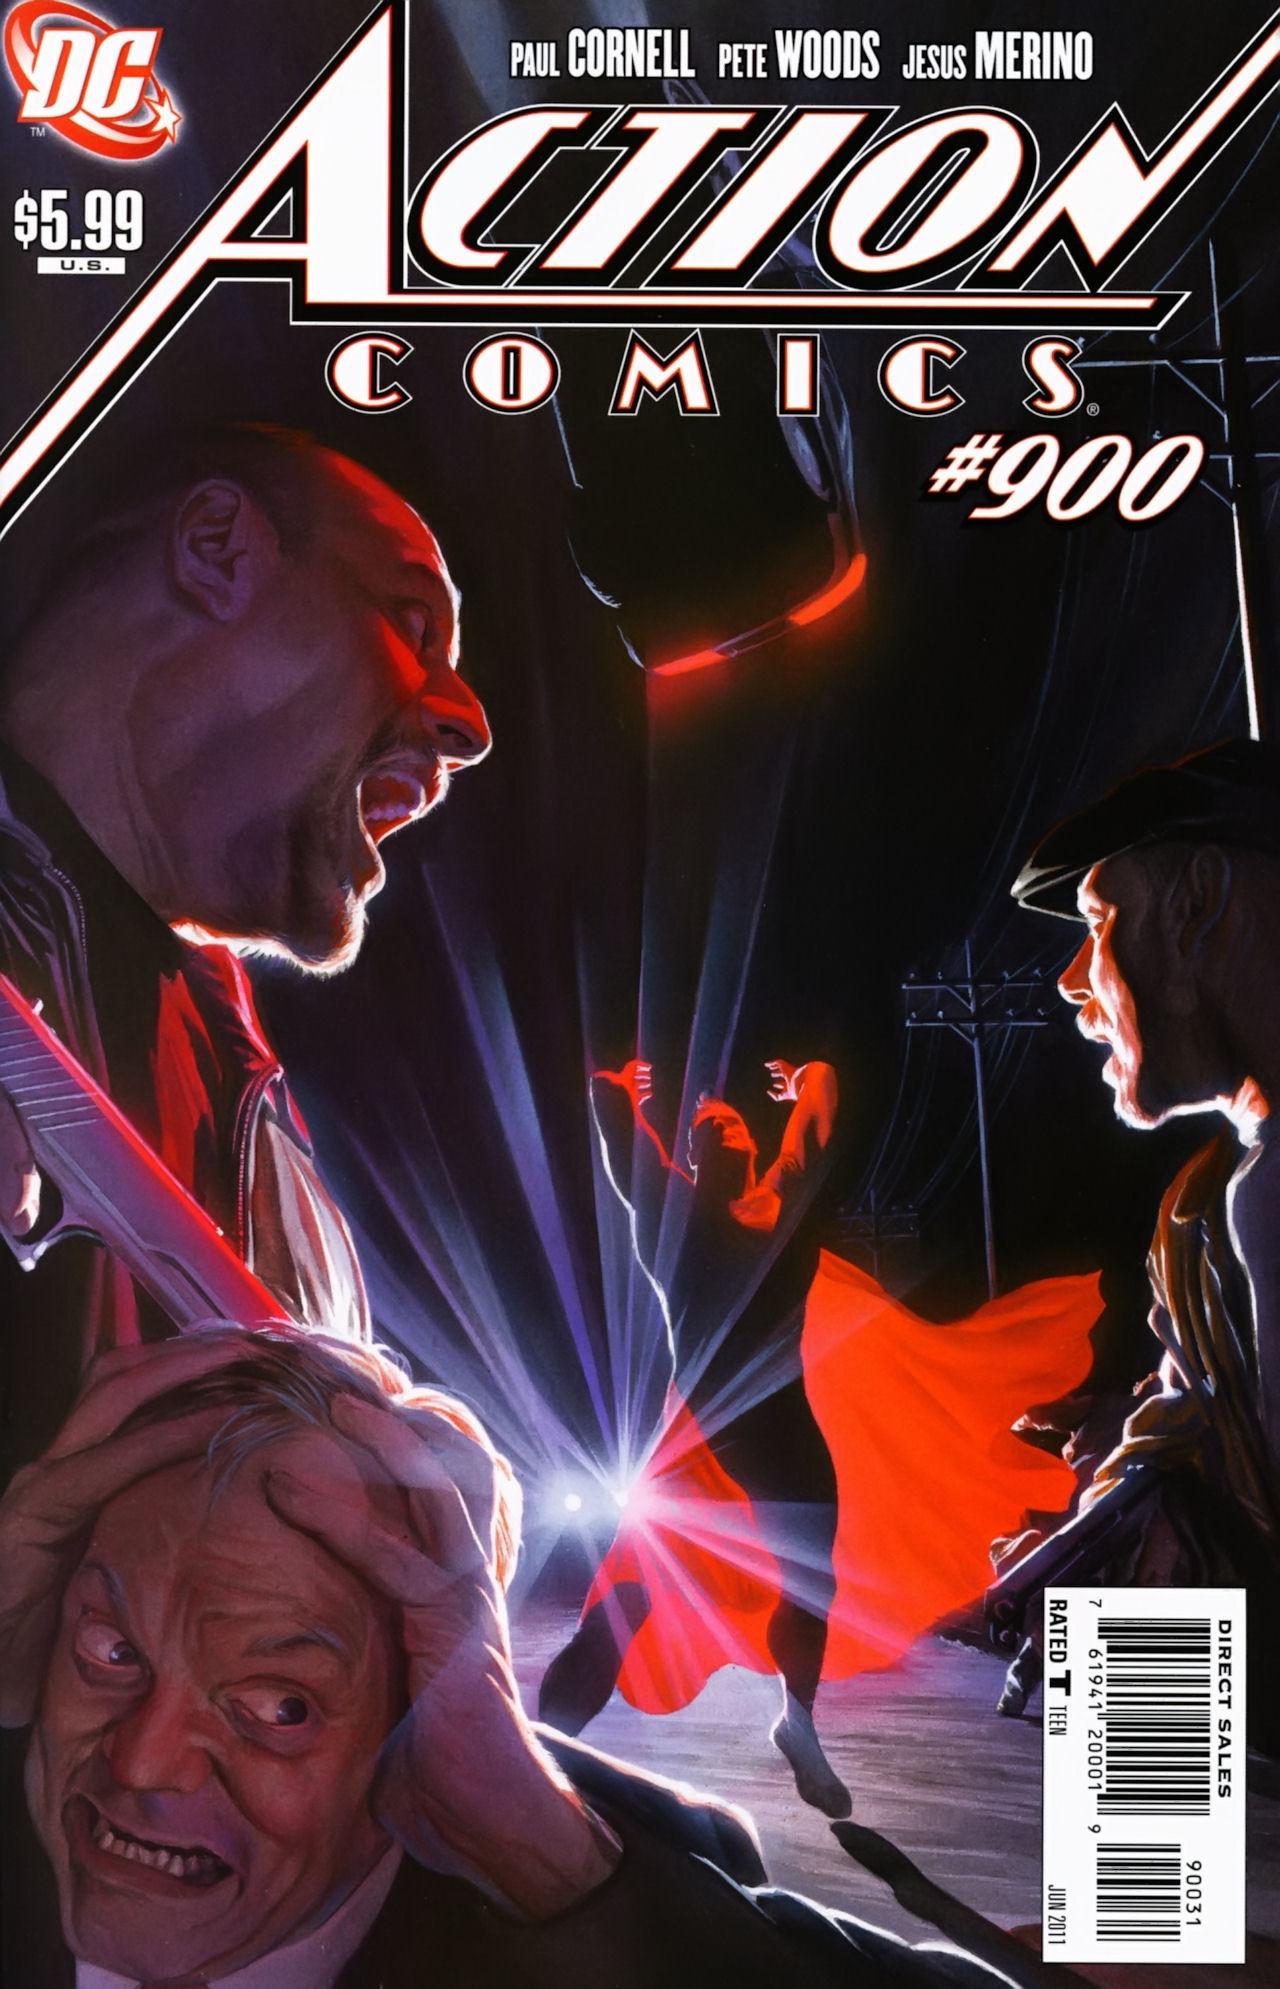 Action Comics Vol 1 900 Variant1.jpg